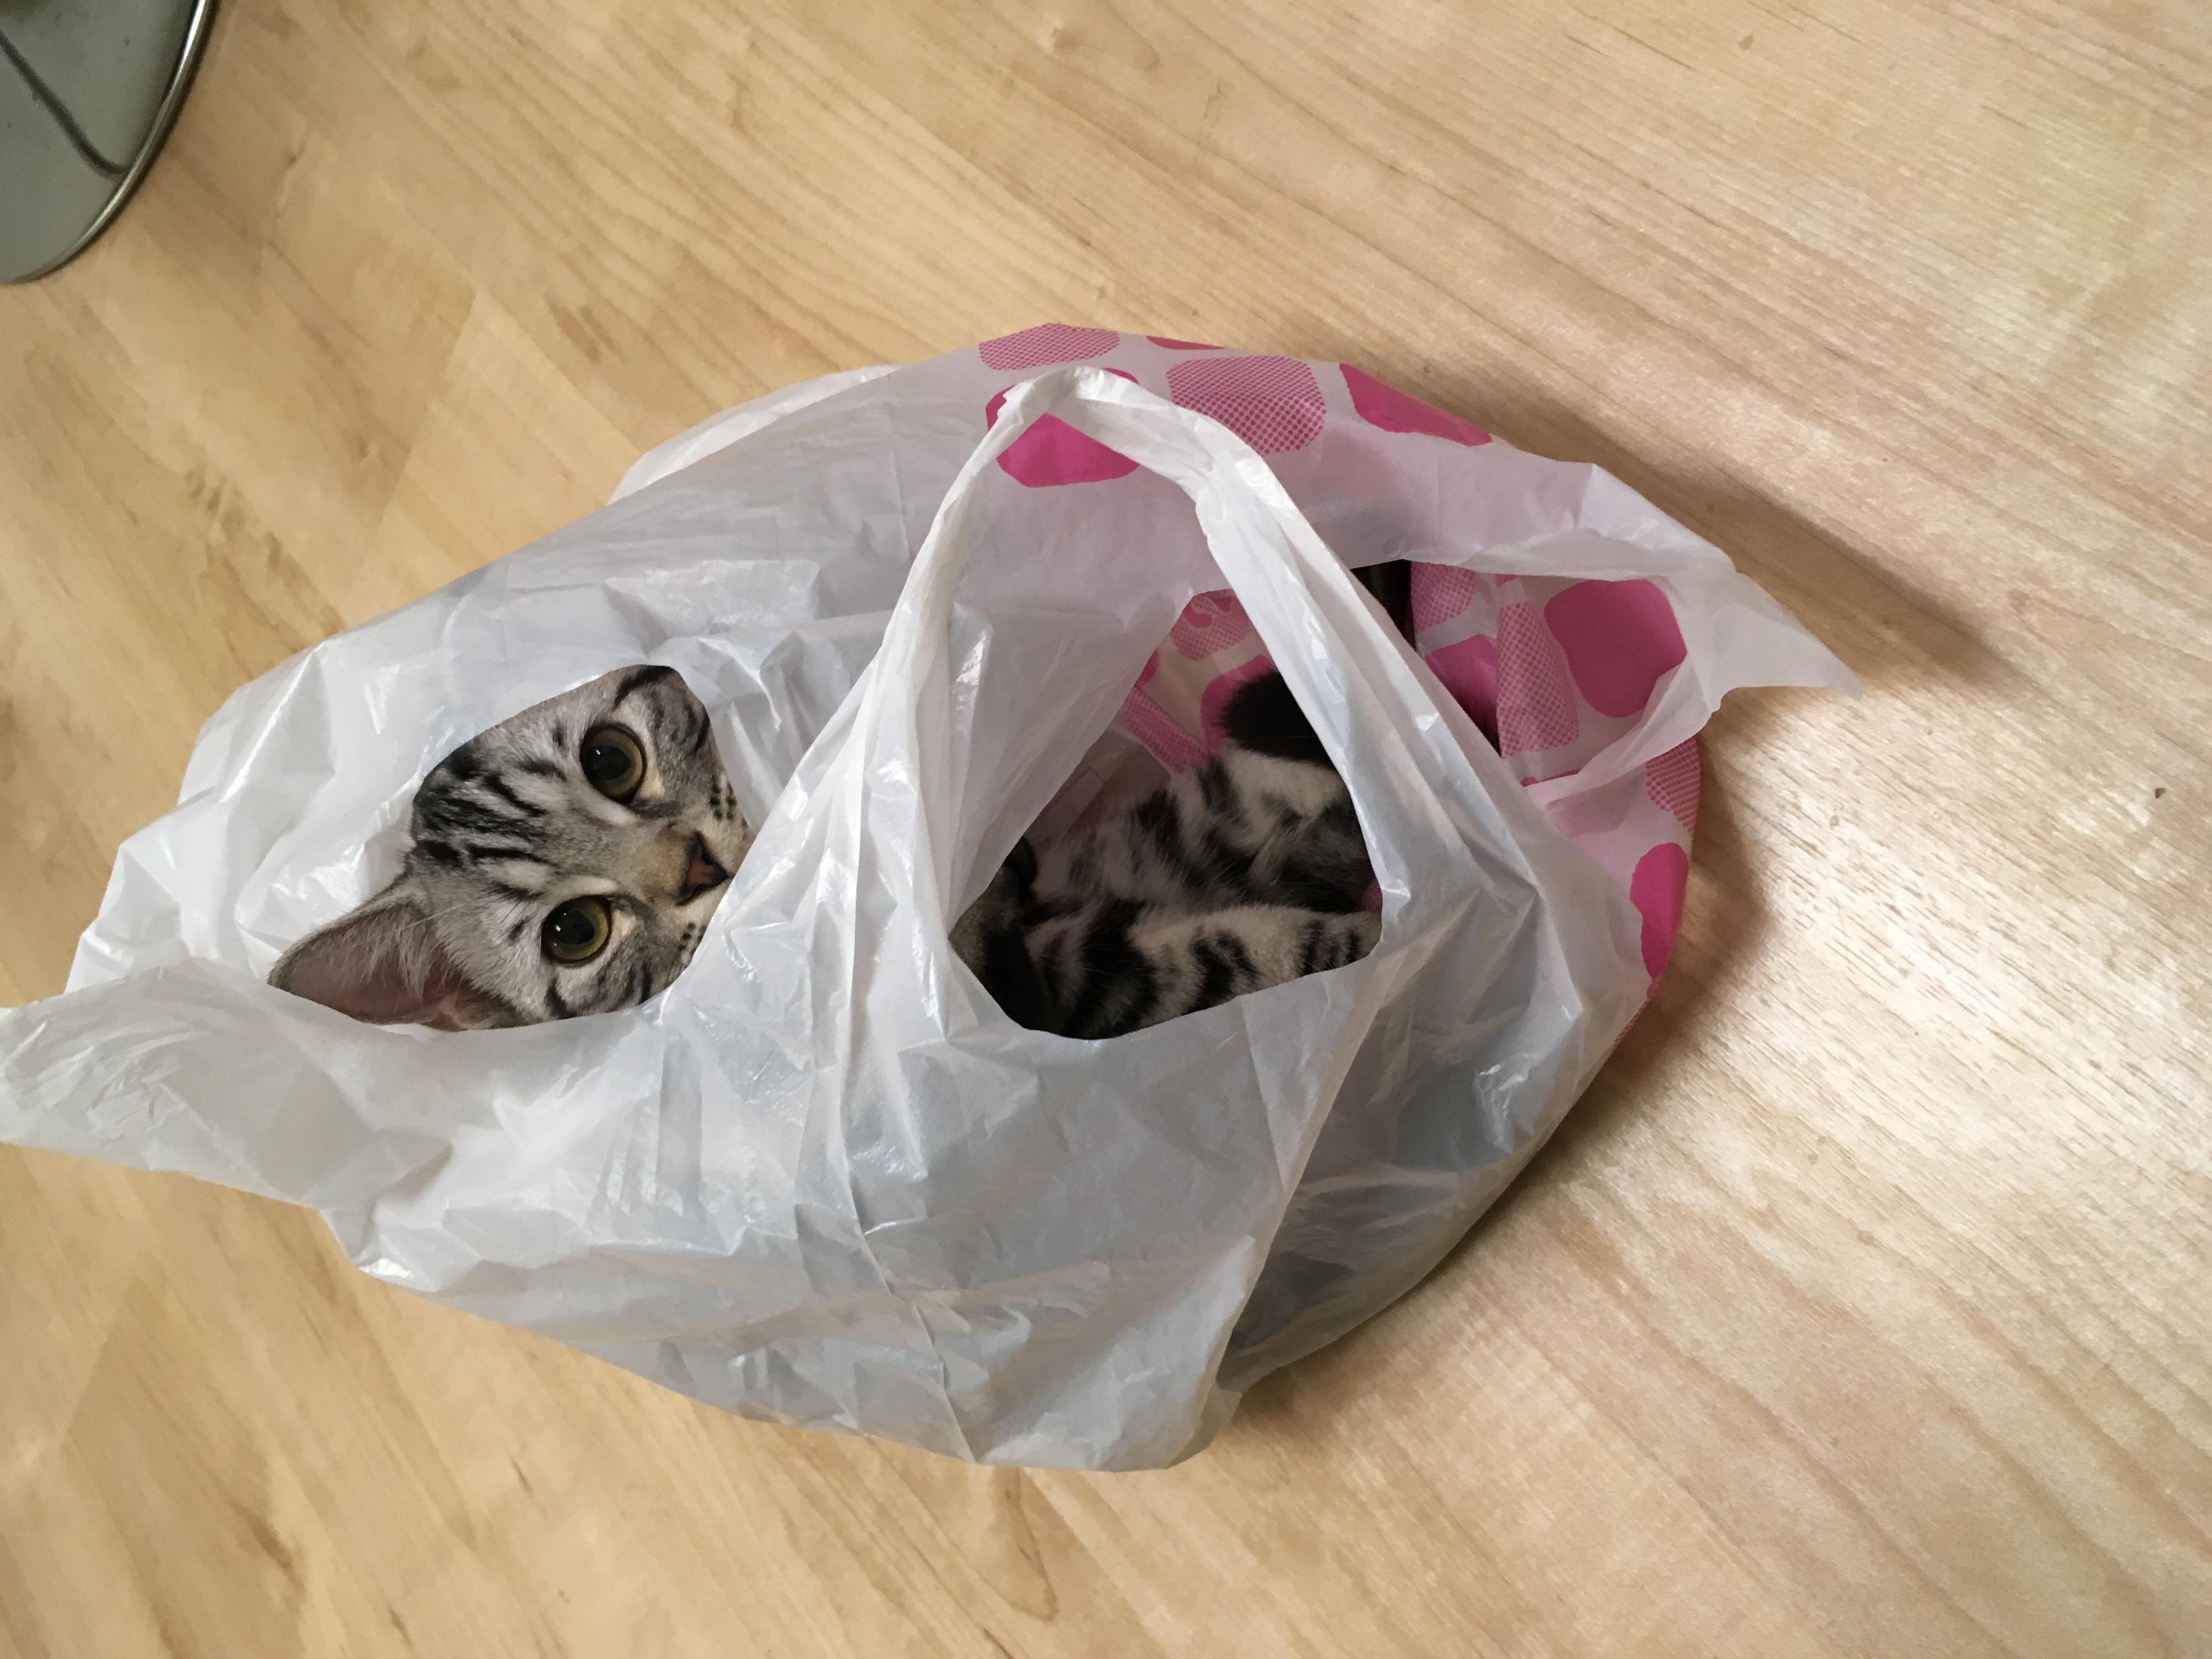 大阪梅田の猫カフェにあにゃあ袋入り